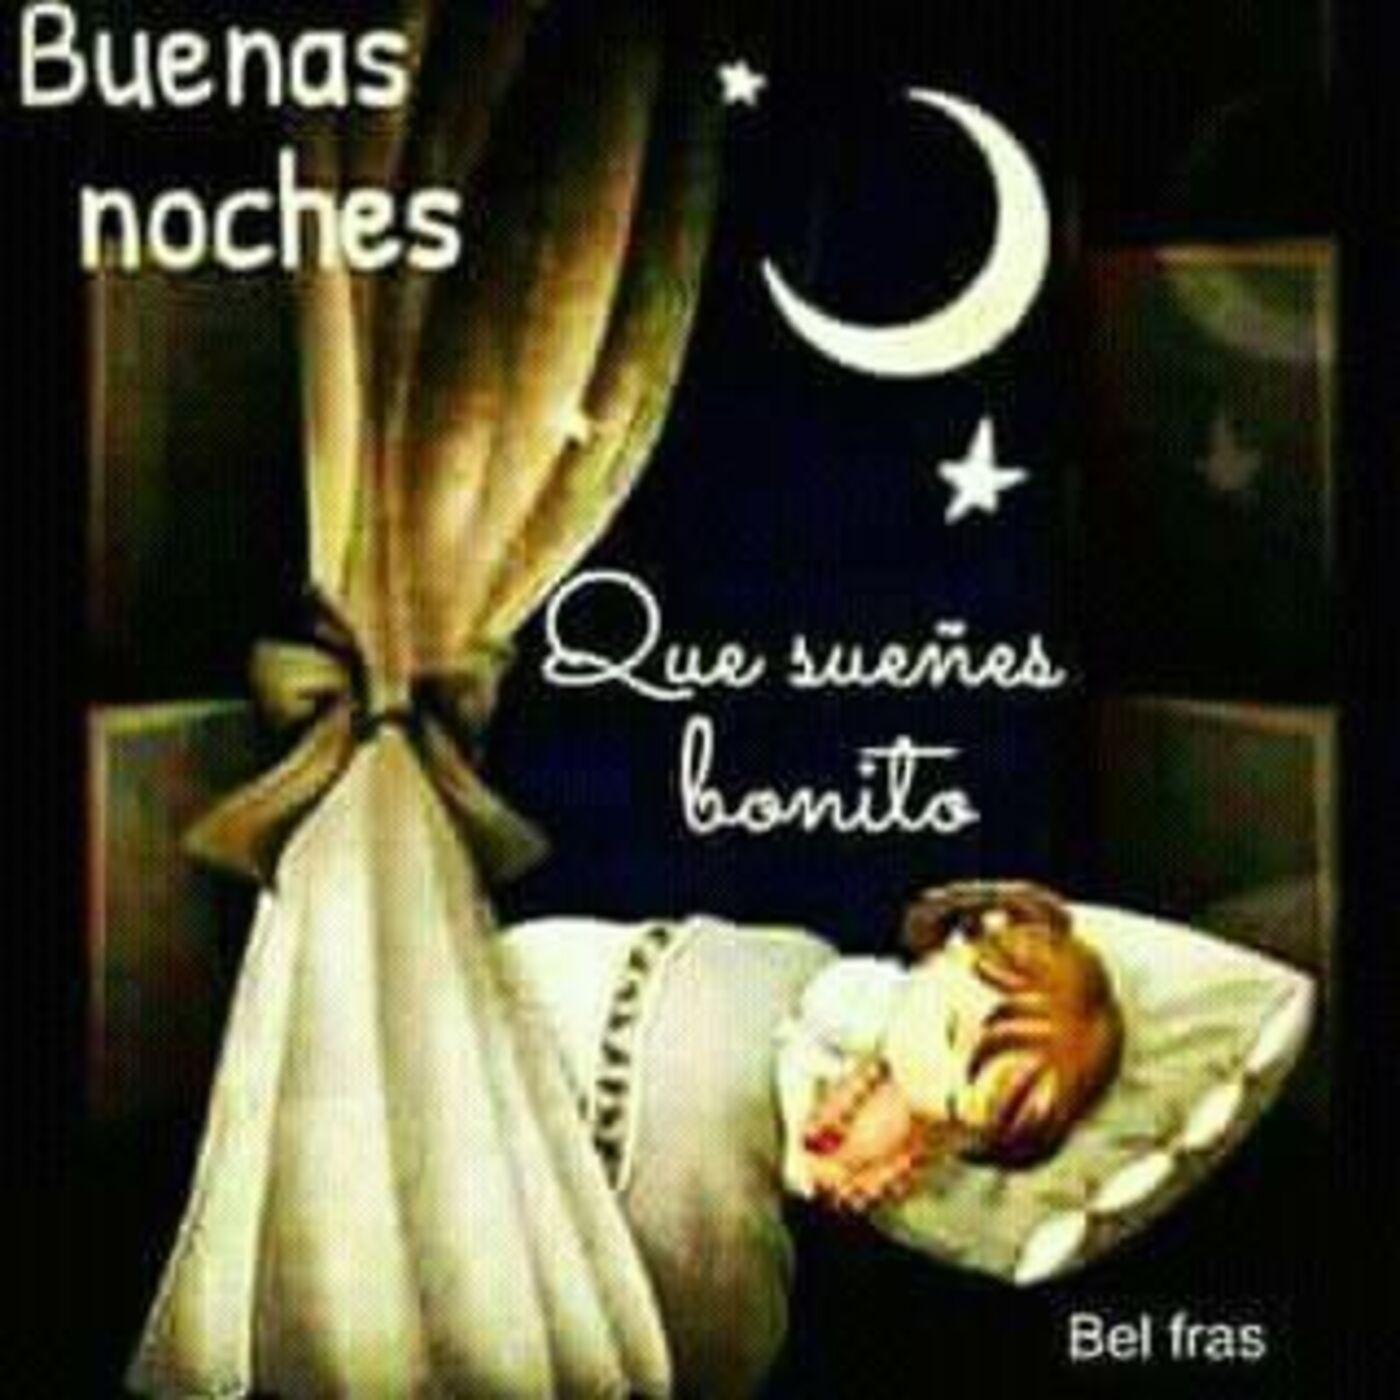 Buenas noches que sueñes bonito